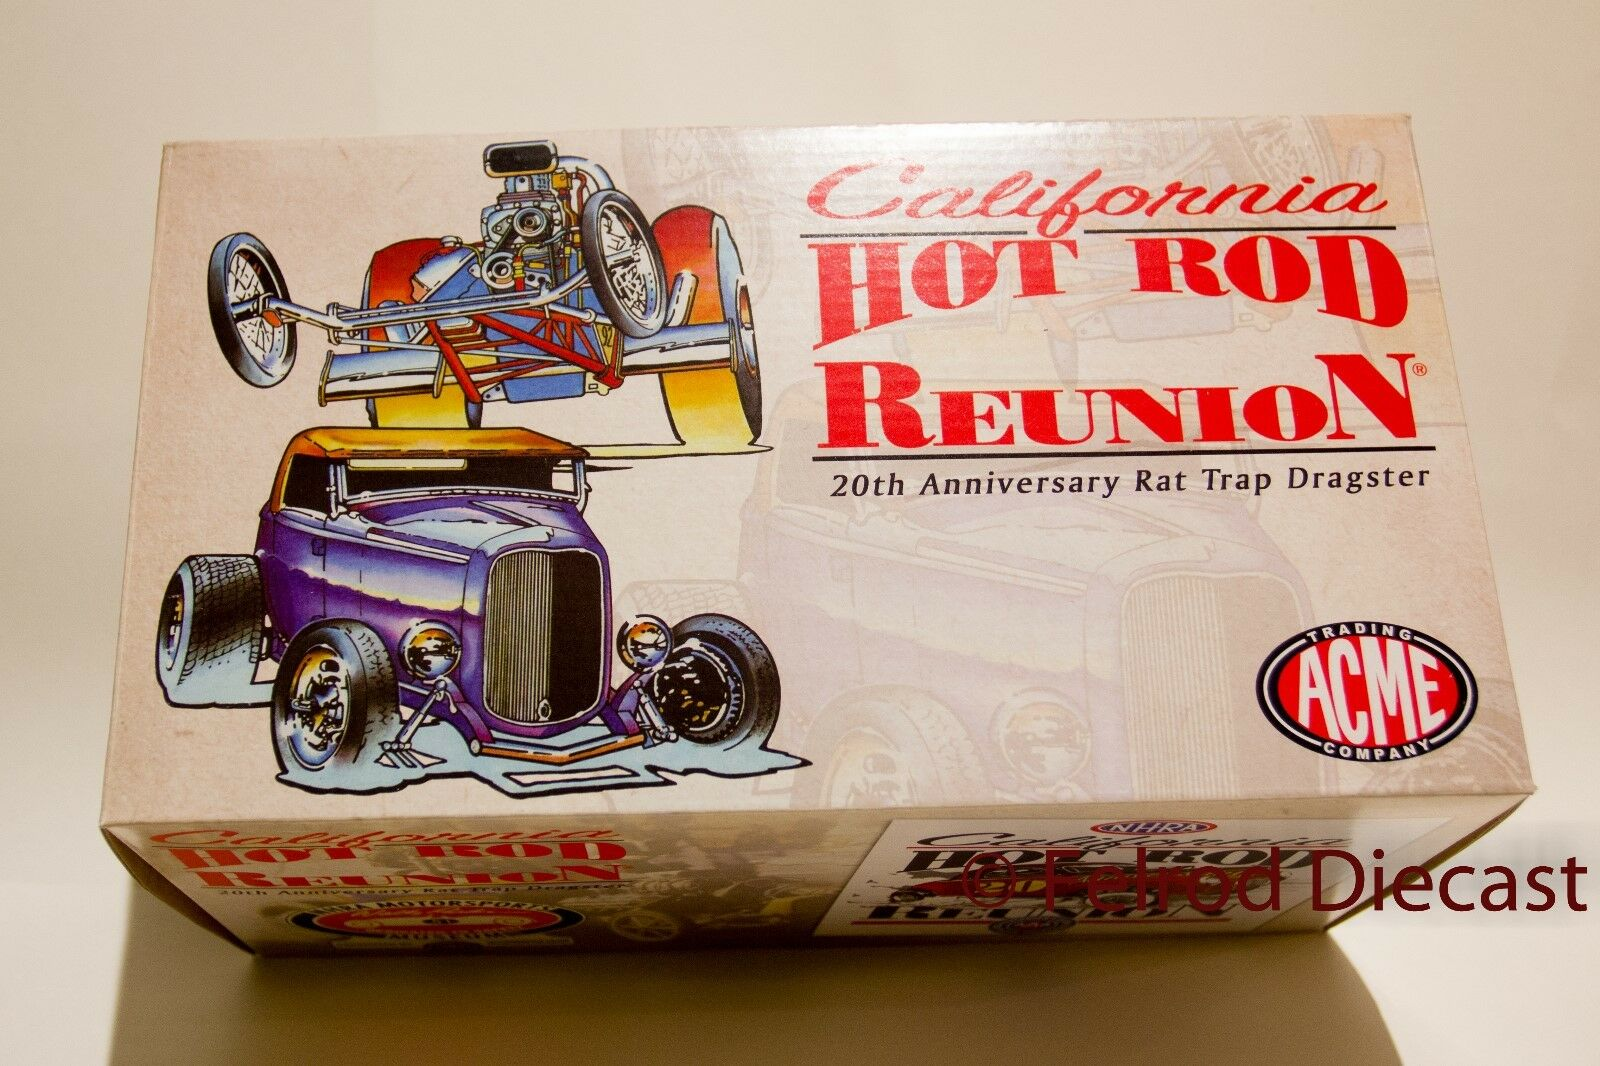 1 18 ACME Rat Piège 20th Anniversaire Hot Rod  REUNION California 1 600 se  100% livraison gratuite